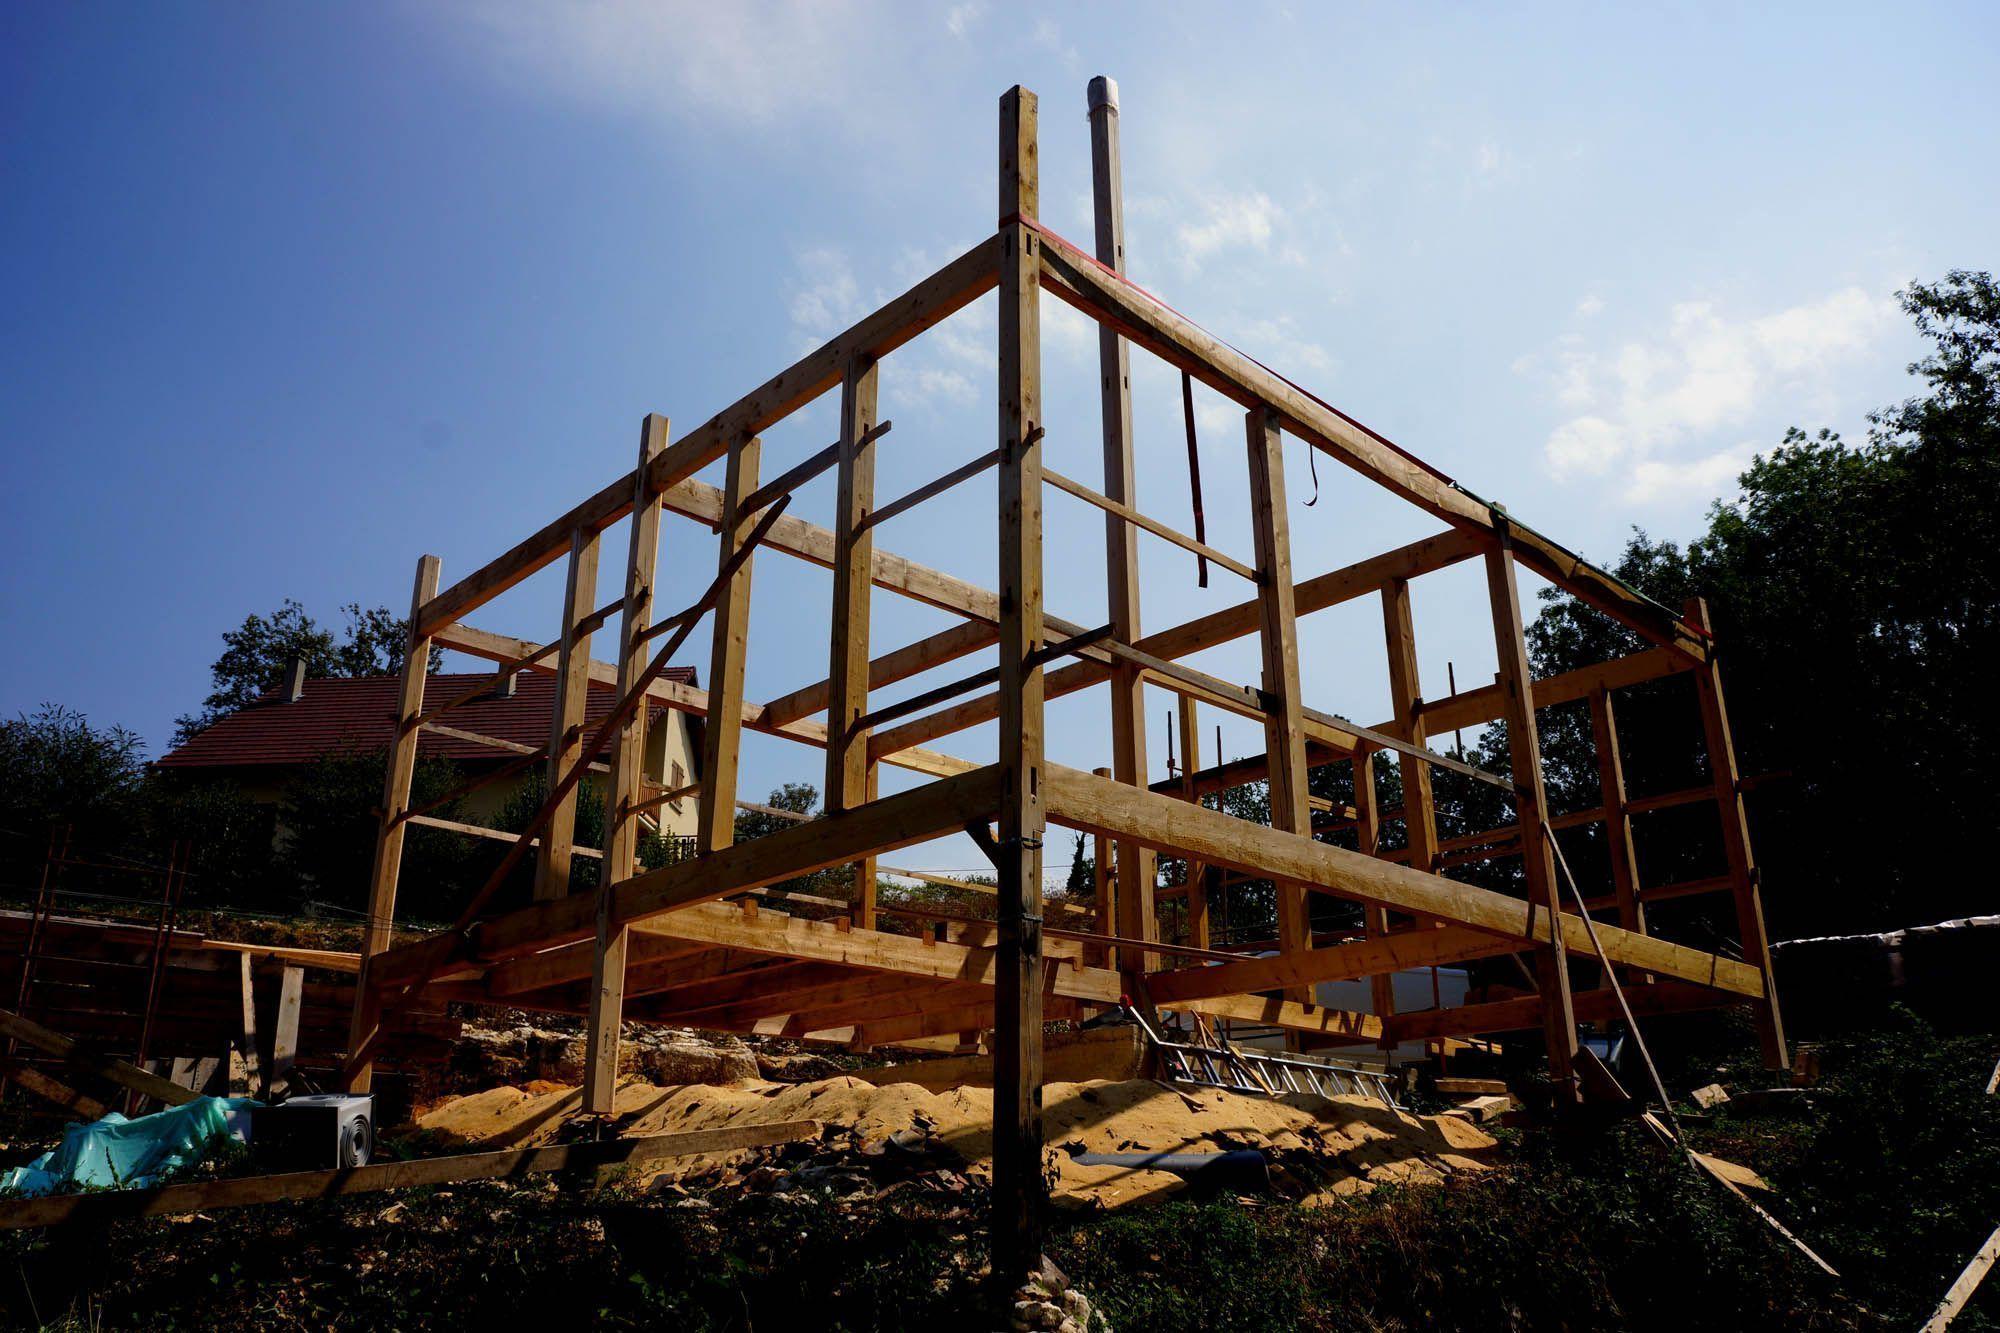 Maison Japonaise Traditionnelle Construire un peu de japon dans le jura : présentation des valeurs du